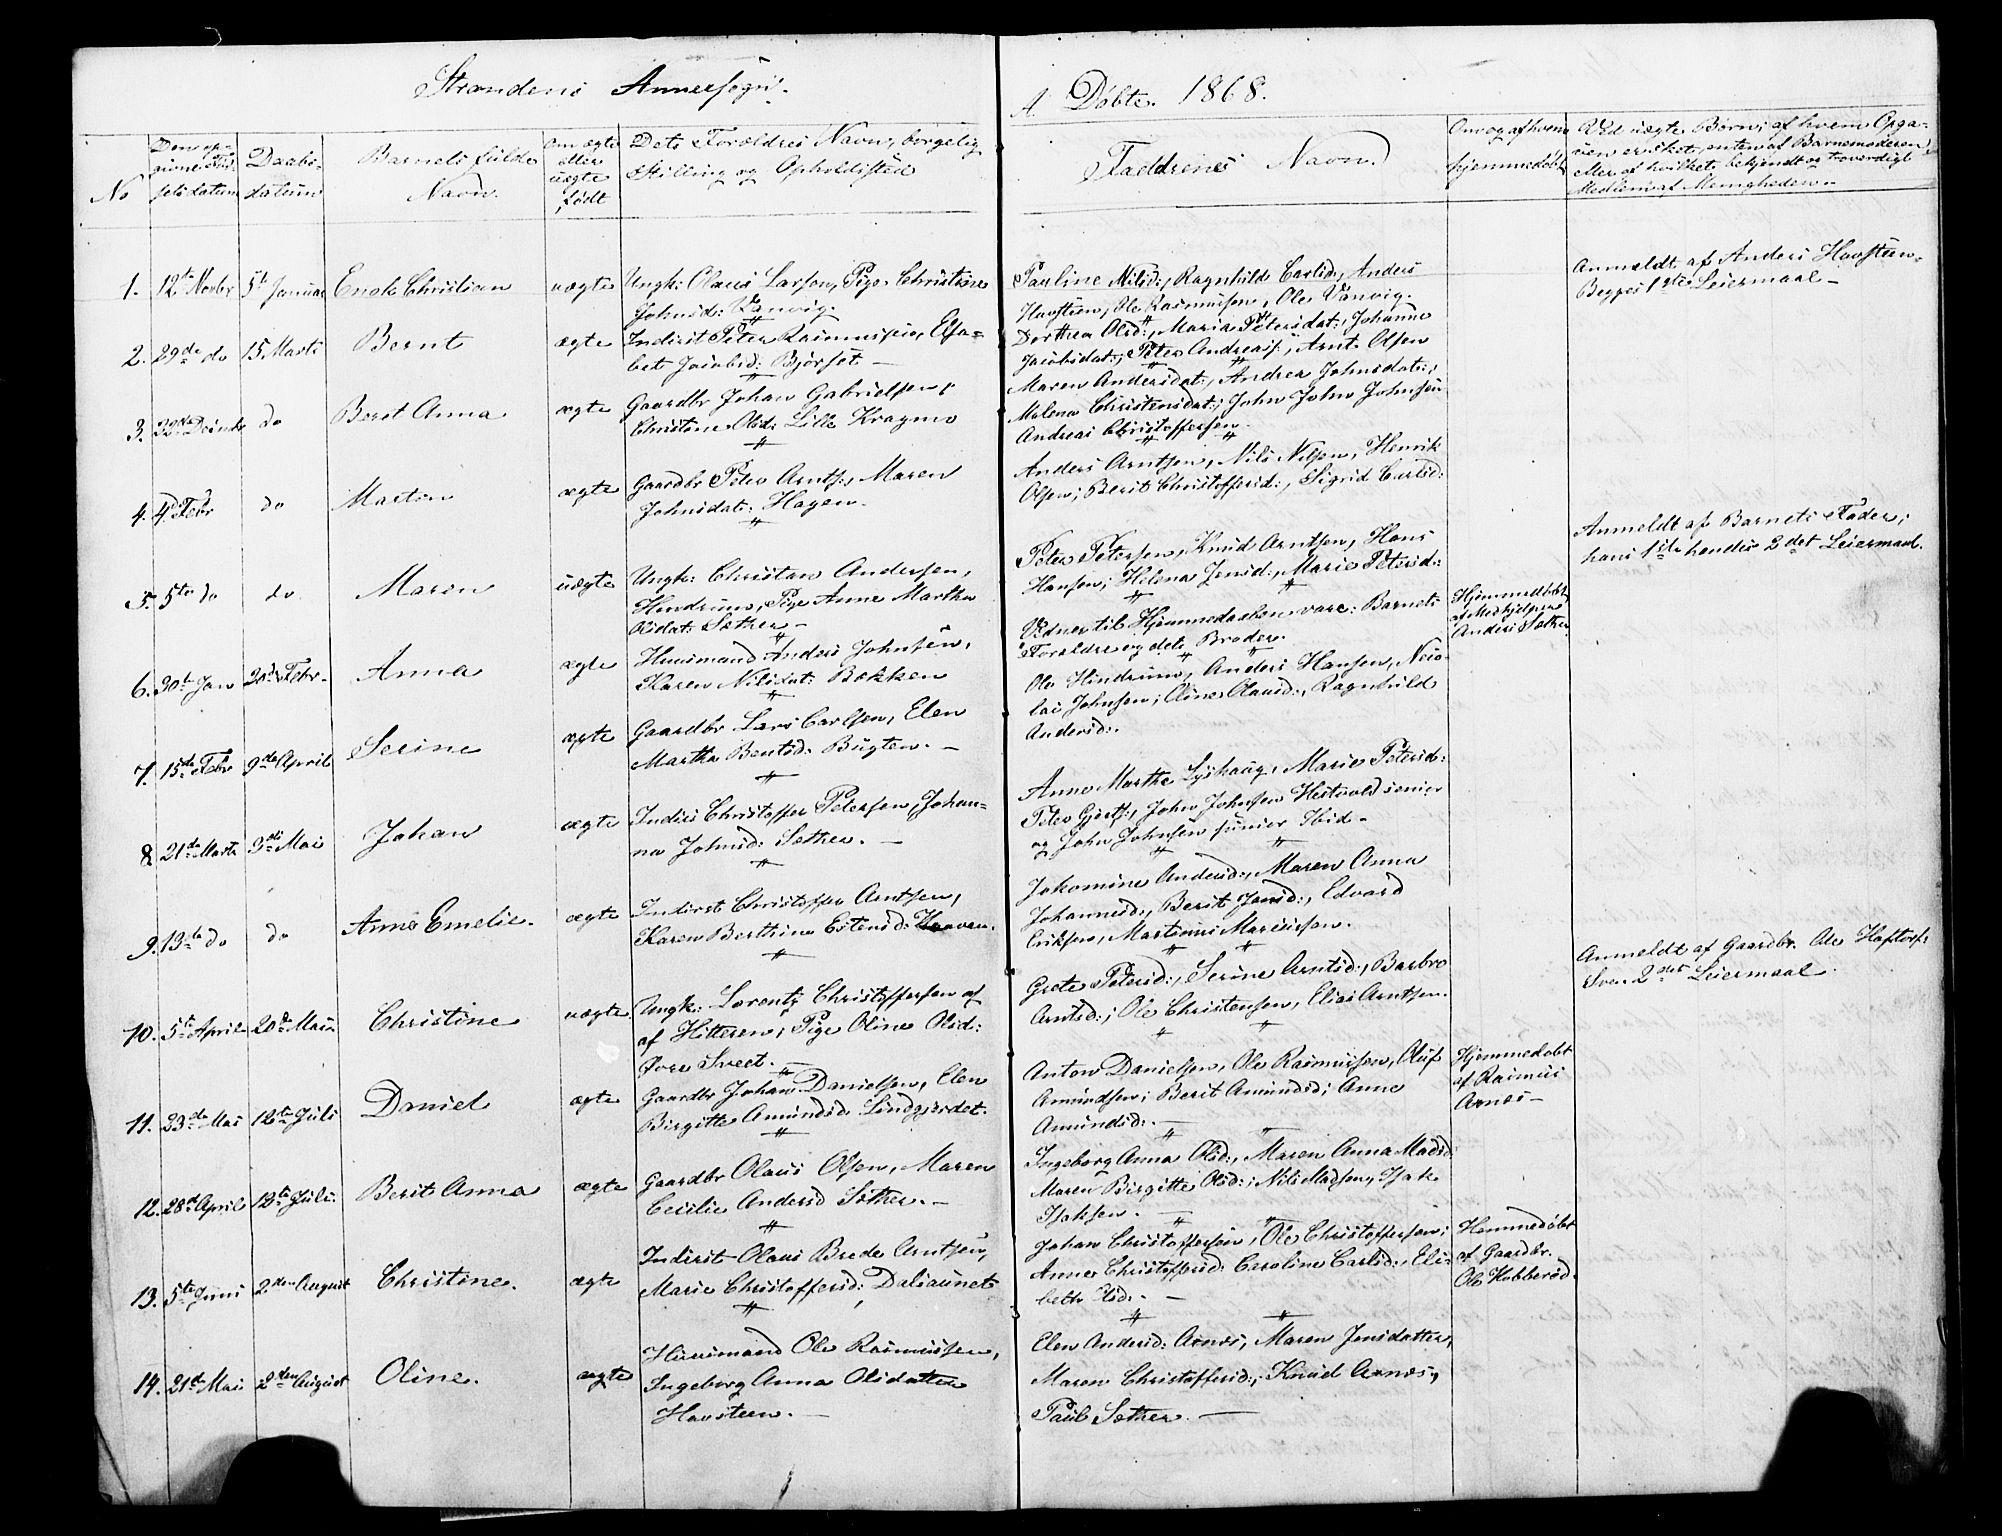 SAT, Ministerialprotokoller, klokkerbøker og fødselsregistre - Nord-Trøndelag, 702/L0025: Klokkerbok nr. 702C01, 1868-1869